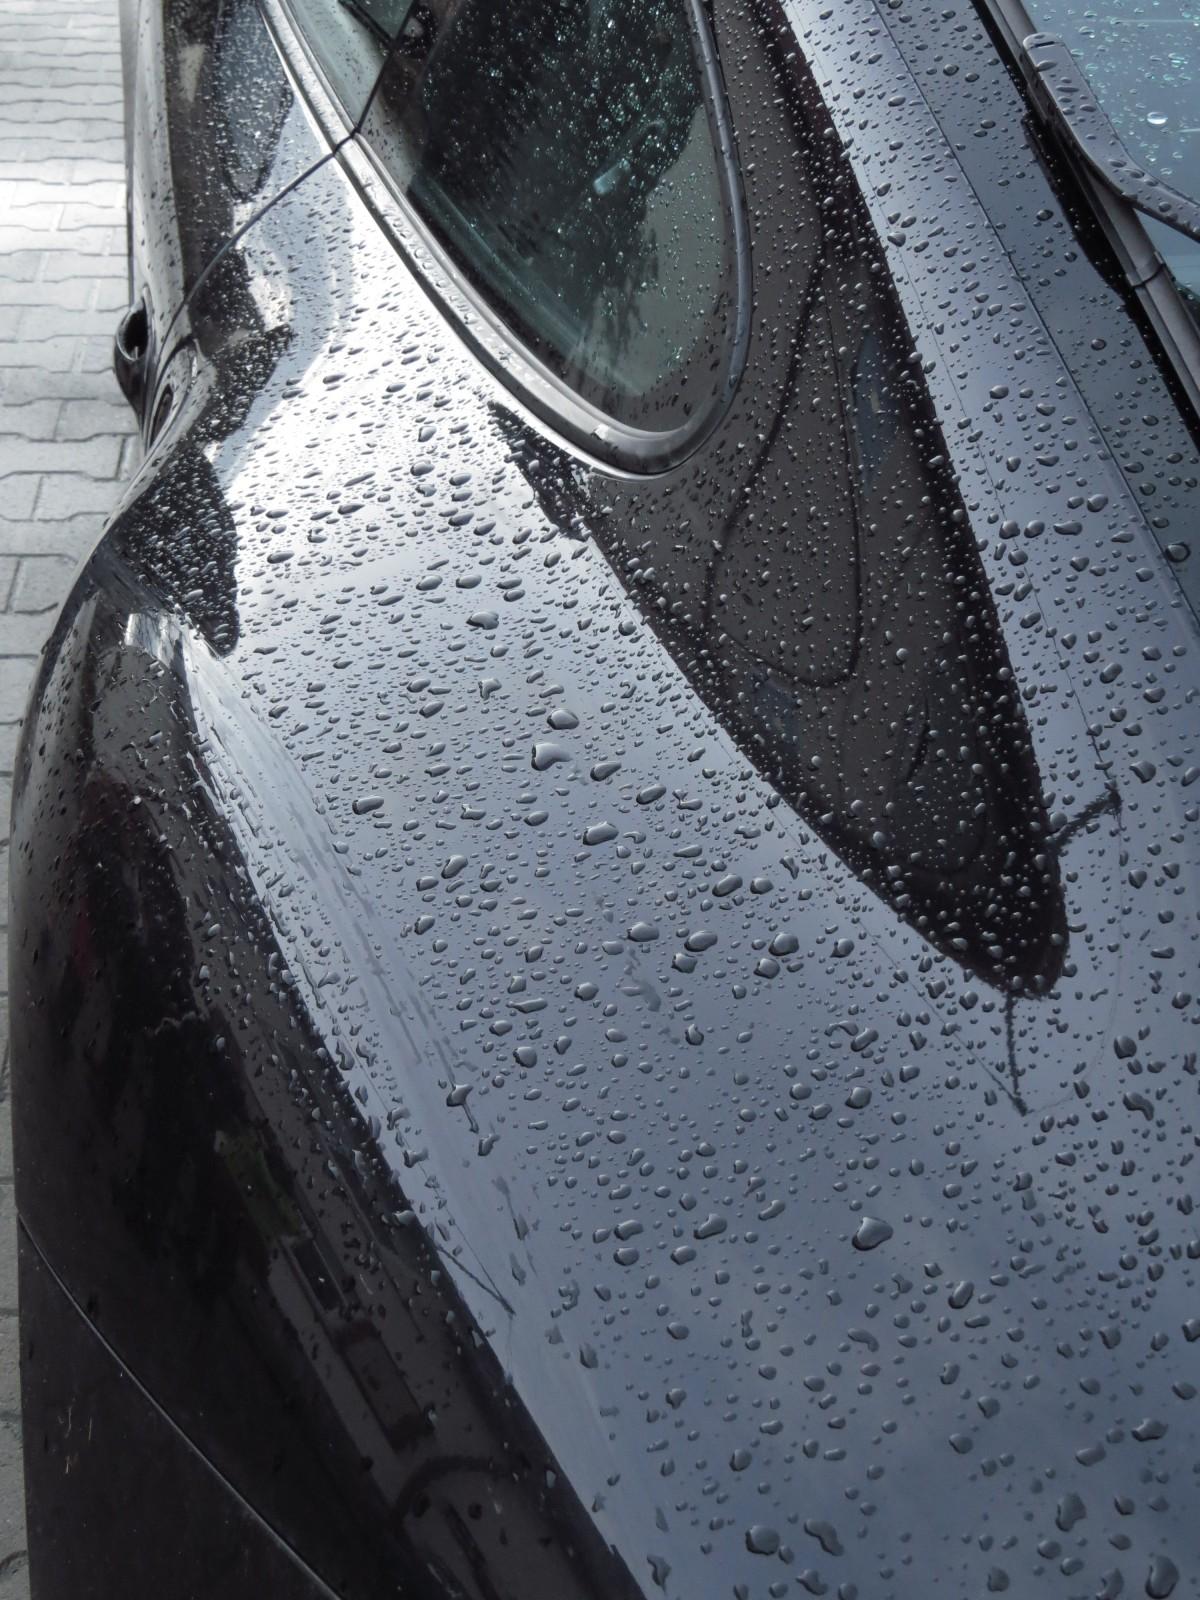 Car Wallpaper 1280x1024 Free Images Drop Rain Floor Raindrop Wet Asphalt